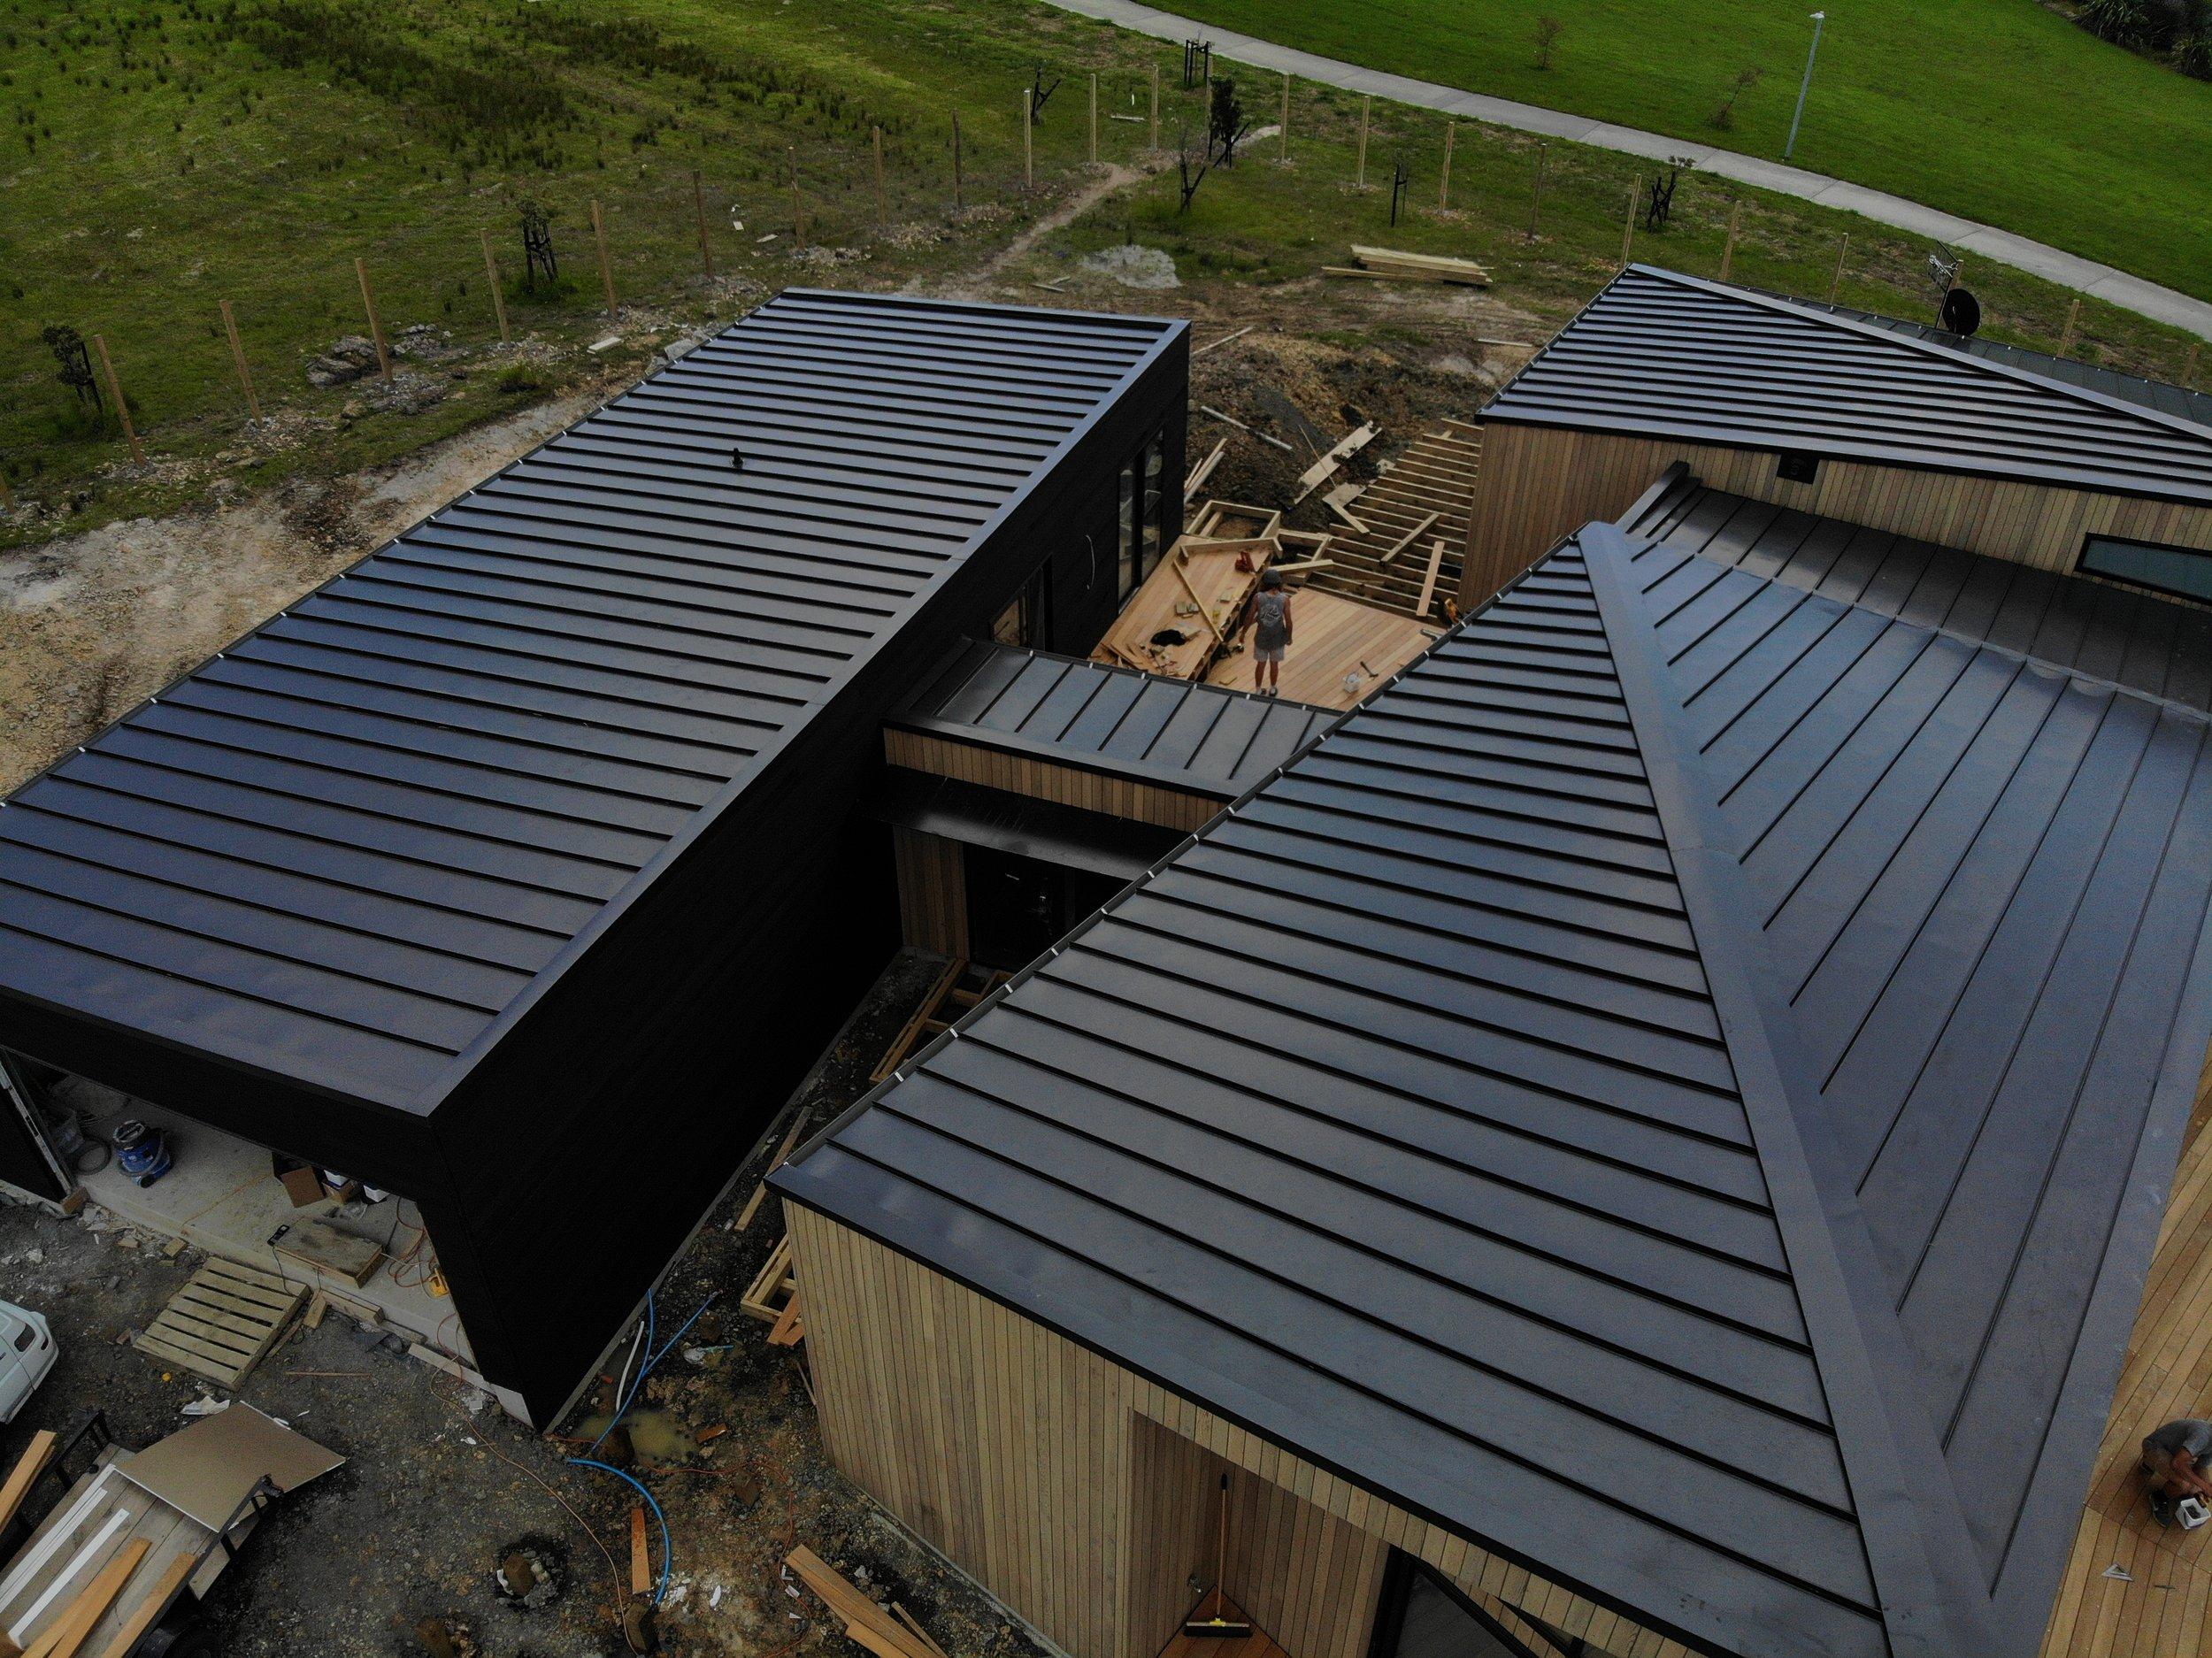 The-Roofing-Store-Steel-Metal-Super-Seam-540-Raven-7.jpg.jpg